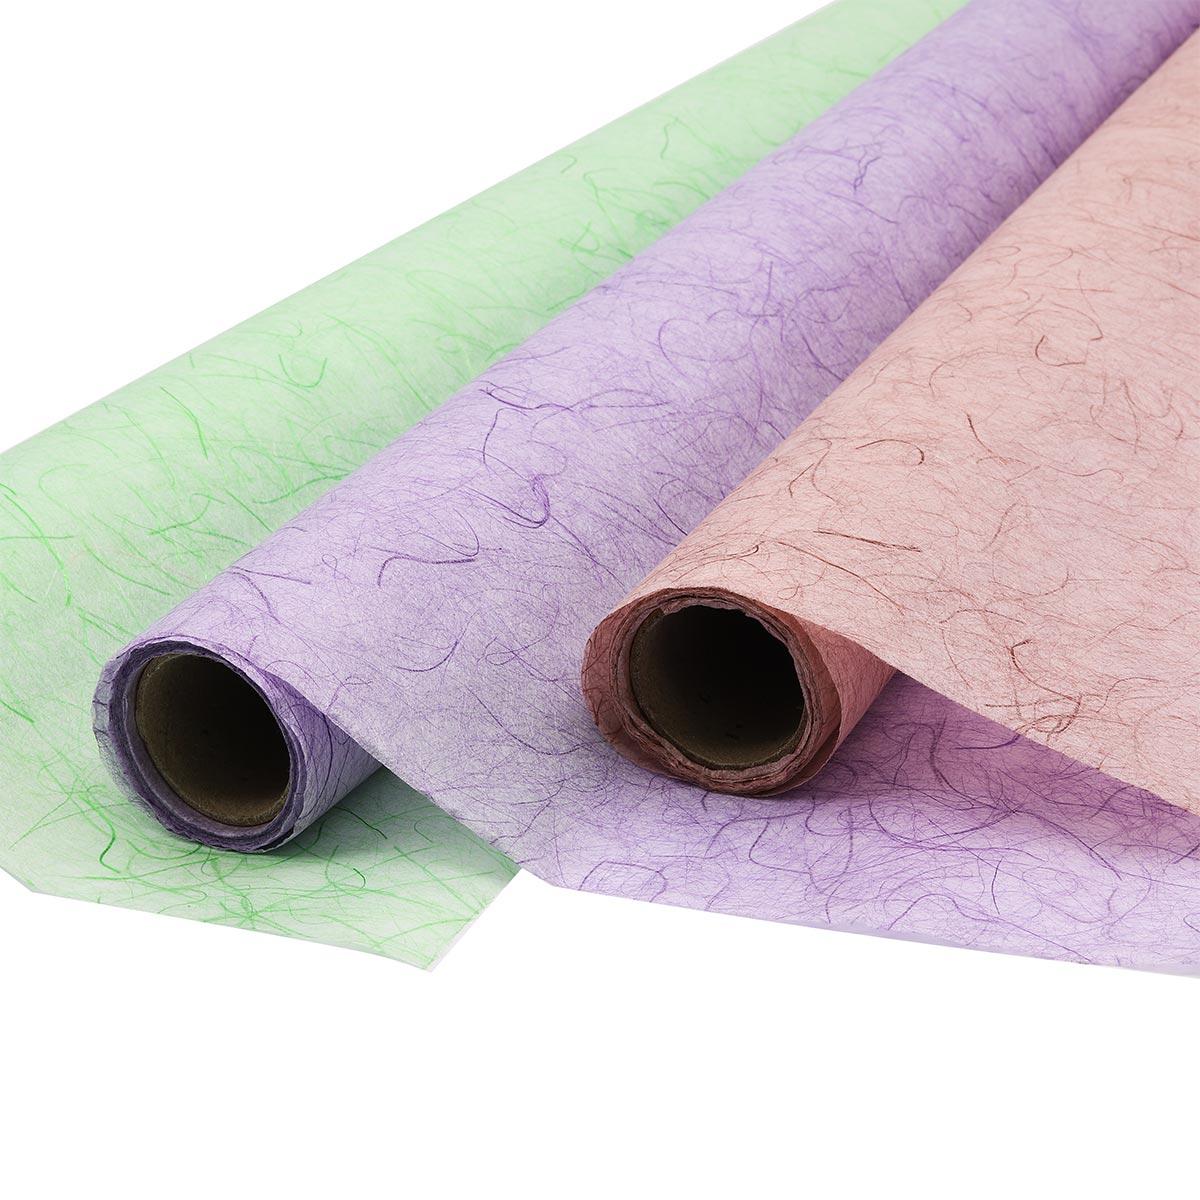 Шелковая бумага Астра креатив, рулон 68 см x 4,57 м